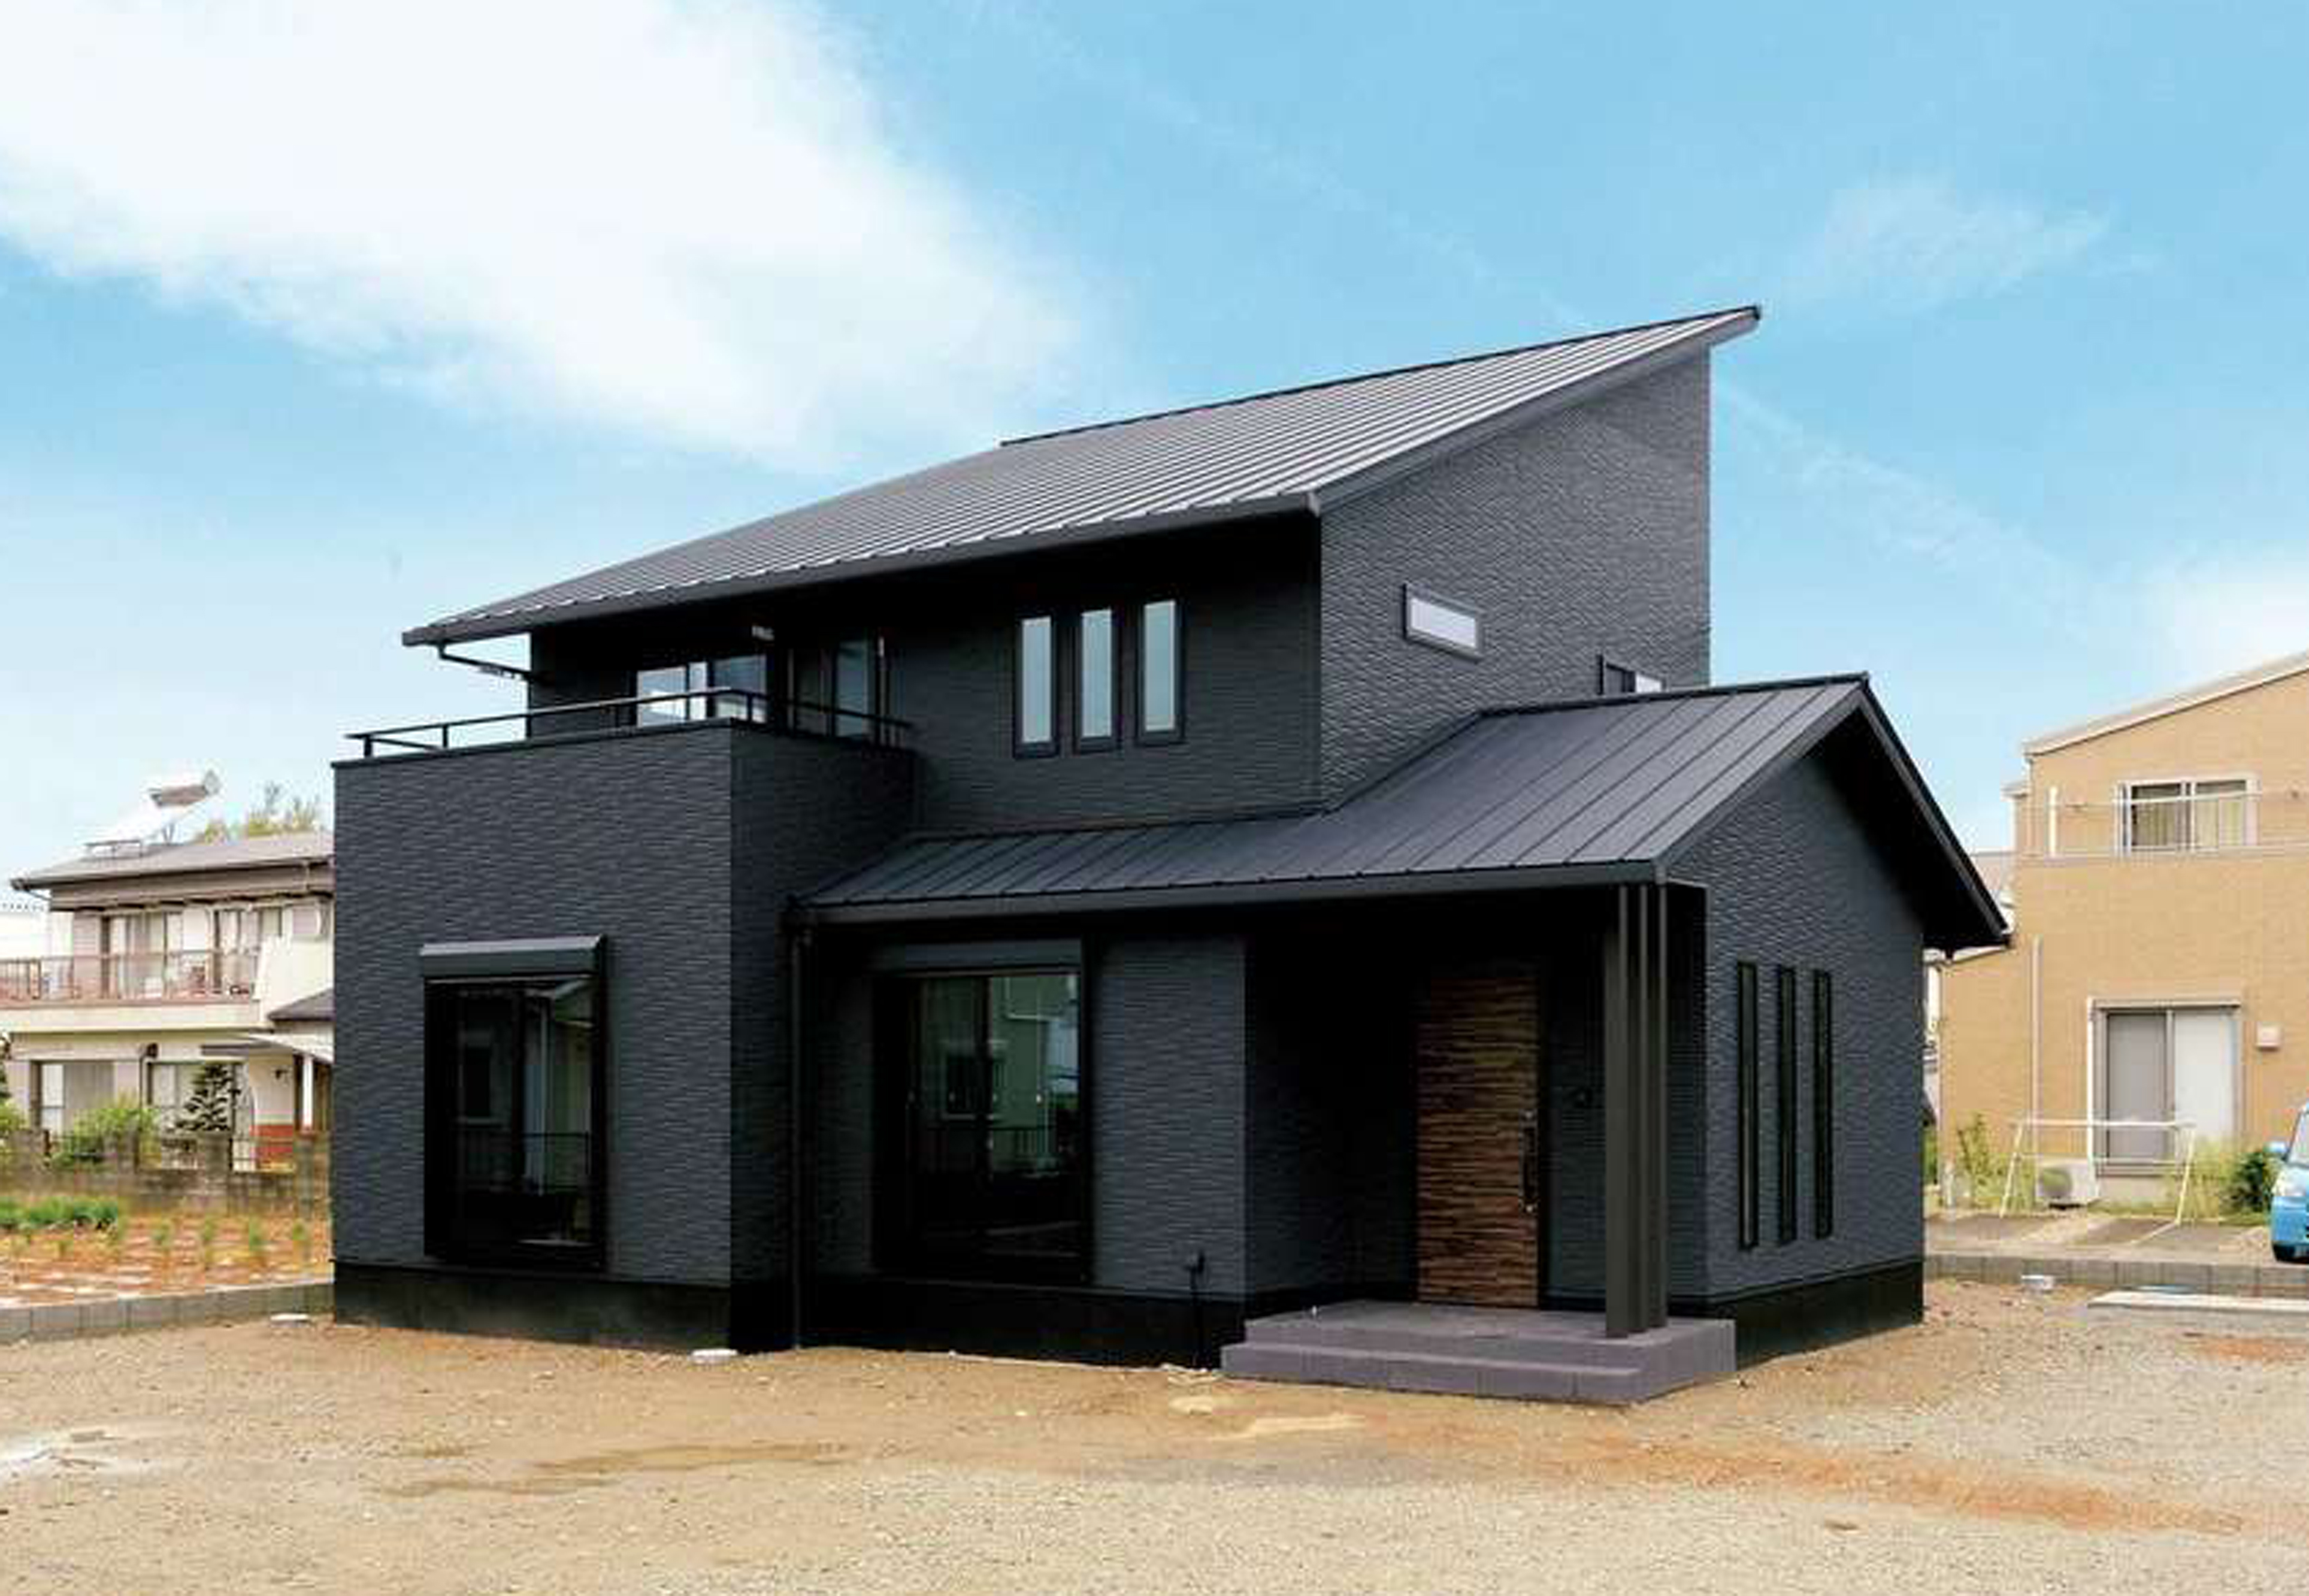 朝日住宅【デザイン住宅、自然素材、間取り】基礎部分までも黒で仕上げた、オールブラックの外観はひときわクール。凹凸のあるフォルムが印象的だ